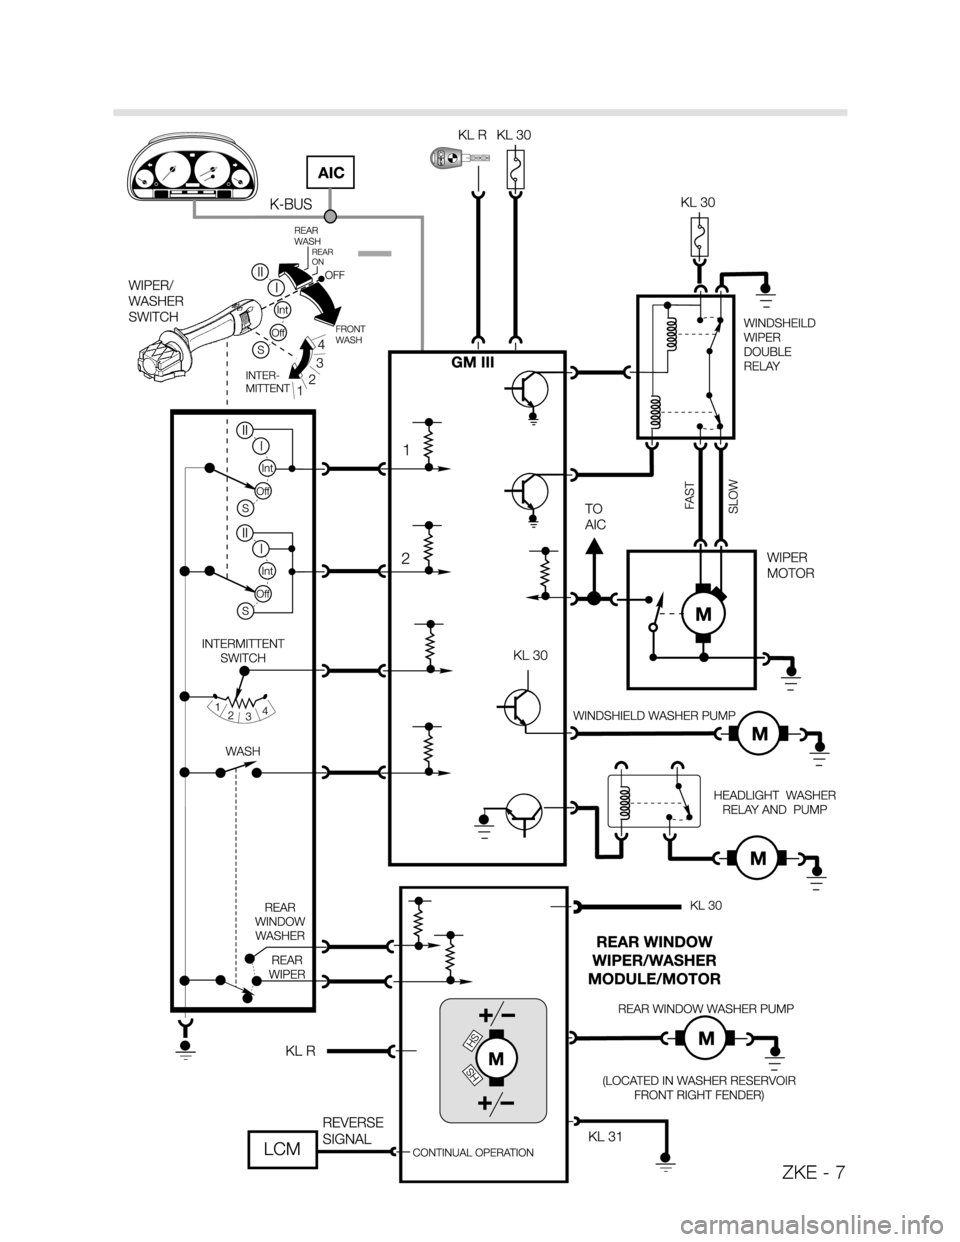 Bmw x5 2006 e53 central body electronics workshop manual w960 5443 6 bmw x5 2006 e53 central body electronics workshop manual bmw e53 x5 lcm gmiii